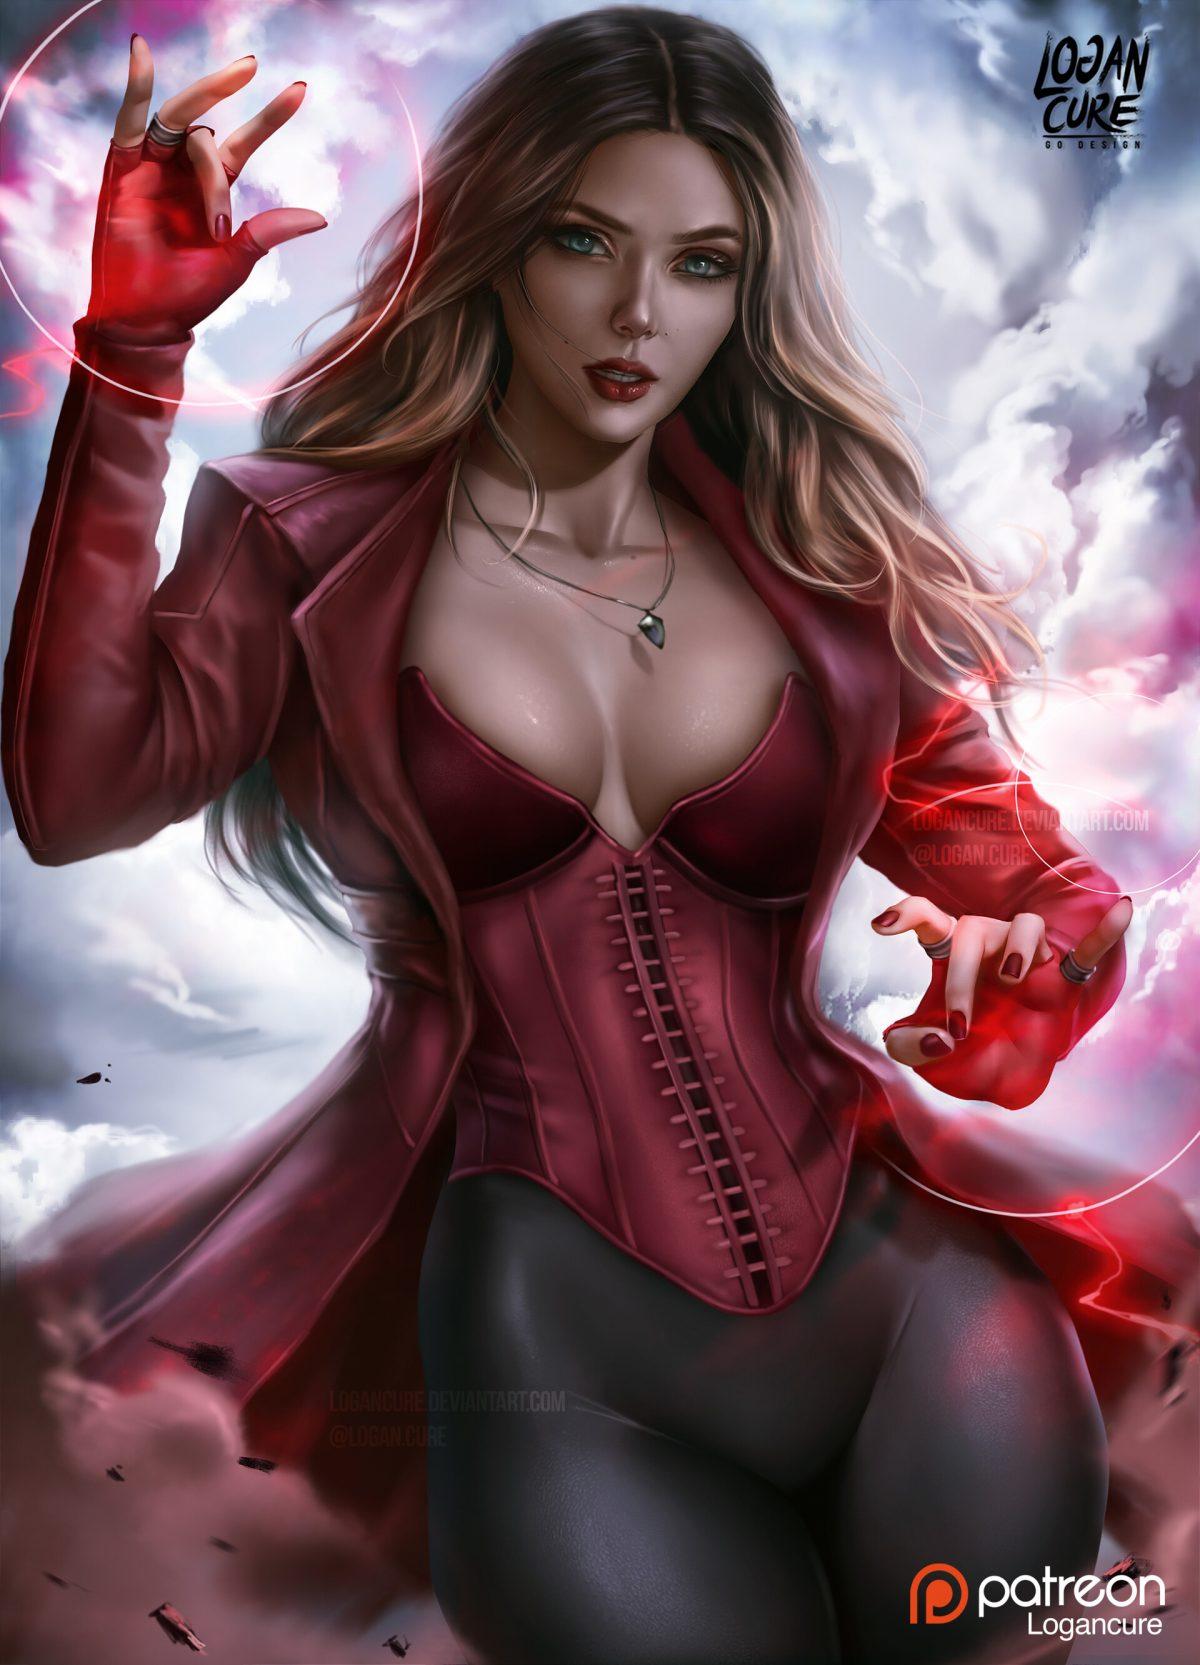 #Scarlet by #Logan Cure